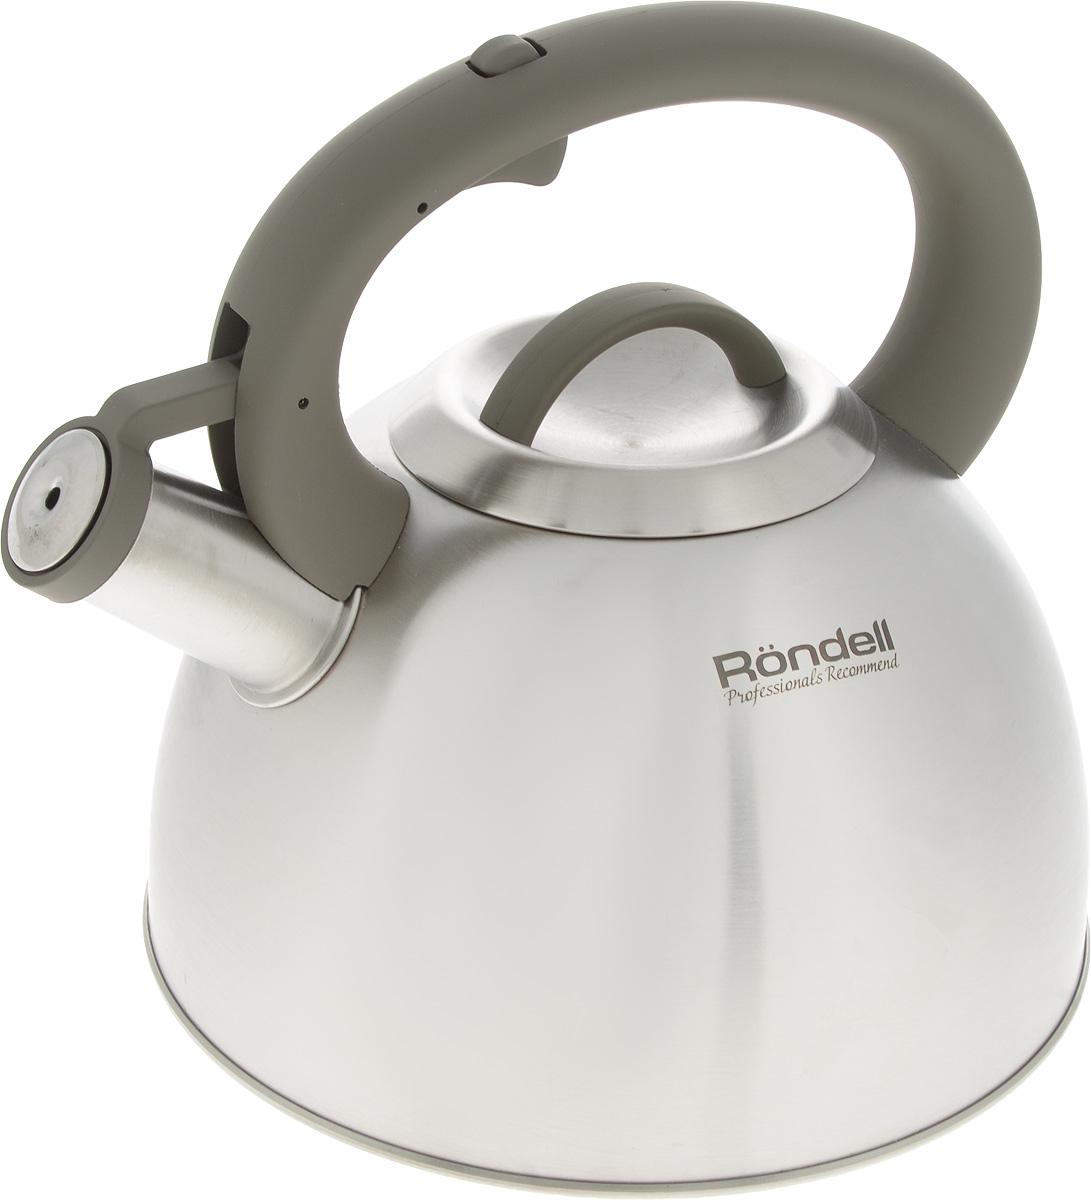 Чайник Rondell Balance, со свистком, 3 лRDS-434Чайник Rondell Balance изготовлен из высококачественной нержавеющей стали 18/10 с матовой полировкой. Нержавеющая сталь обладает высокой устойчивостью к коррозии, не вступает в реакцию с холодными и горячими продуктами и полностью сохраняет их вкусовые качества. Чайник оснащен фиксированной ручкой из бакелита с покрытием Soft-Touch. Носик чайника имеет откидной свисток, звуковой сигнал которого подскажет, когда закипит вода. Благодаря чайнику Rondell Balance, вы будете постоянно ощущать тепло и уют на вашей кухне. Подходит для всех типов плит, включая индукционные. Можно мыть в посудомоечной машине. Диаметр (по верхнему краю): 10 см. Высота (без учета ручки и крышки): 13 см. Высота (с учетом ручки): 23 см